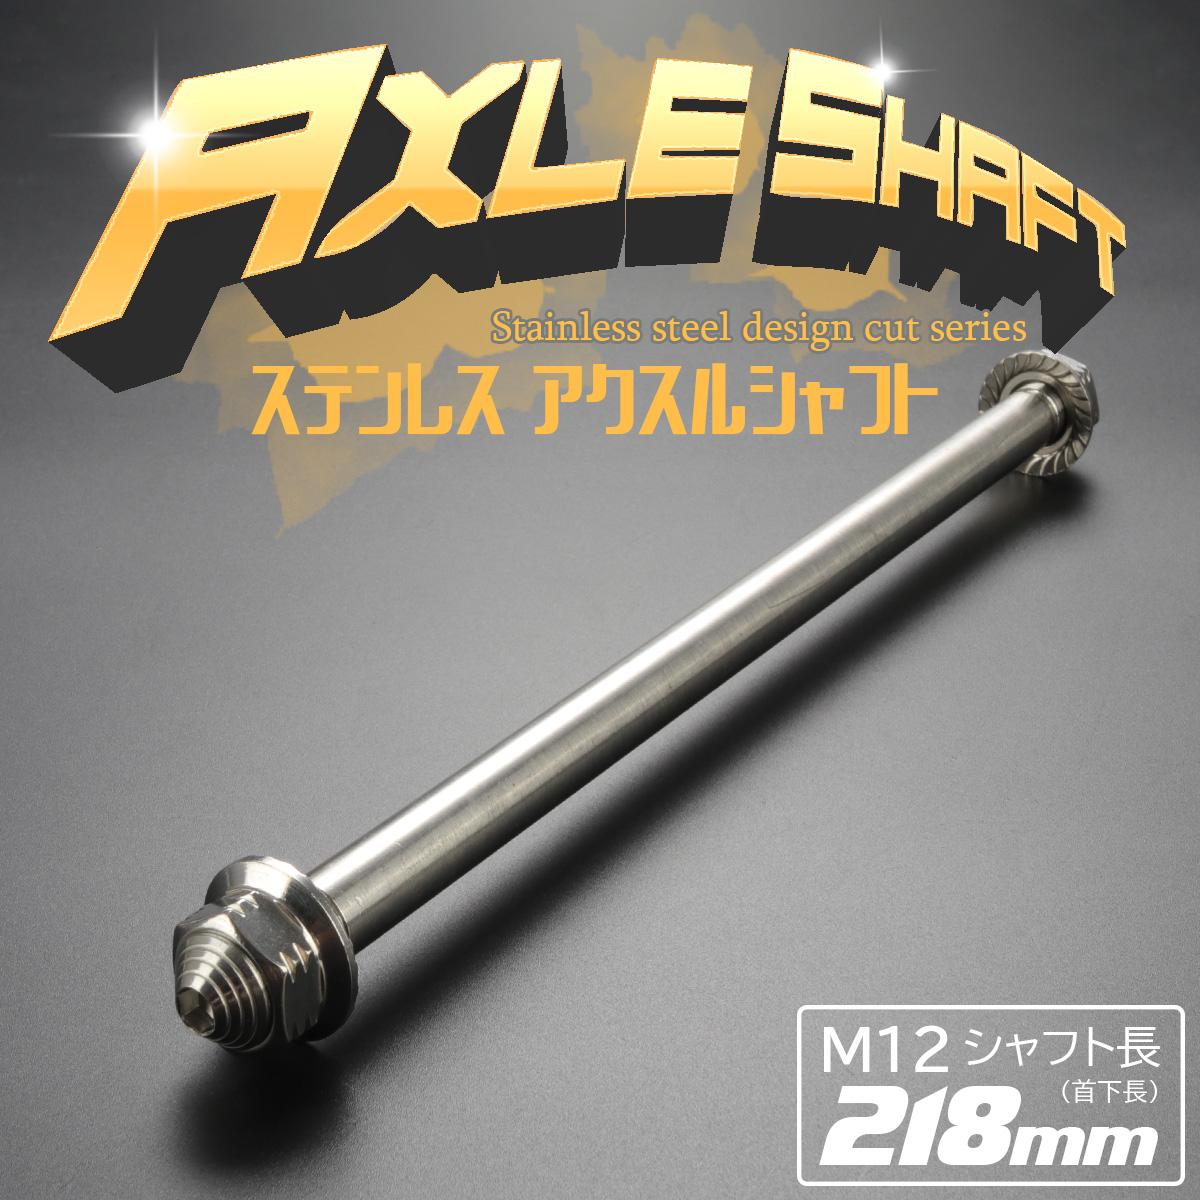 汎用 ステンレス アクスルシャフト M12 218mm シルバー 4ミニ 原付など TH0355